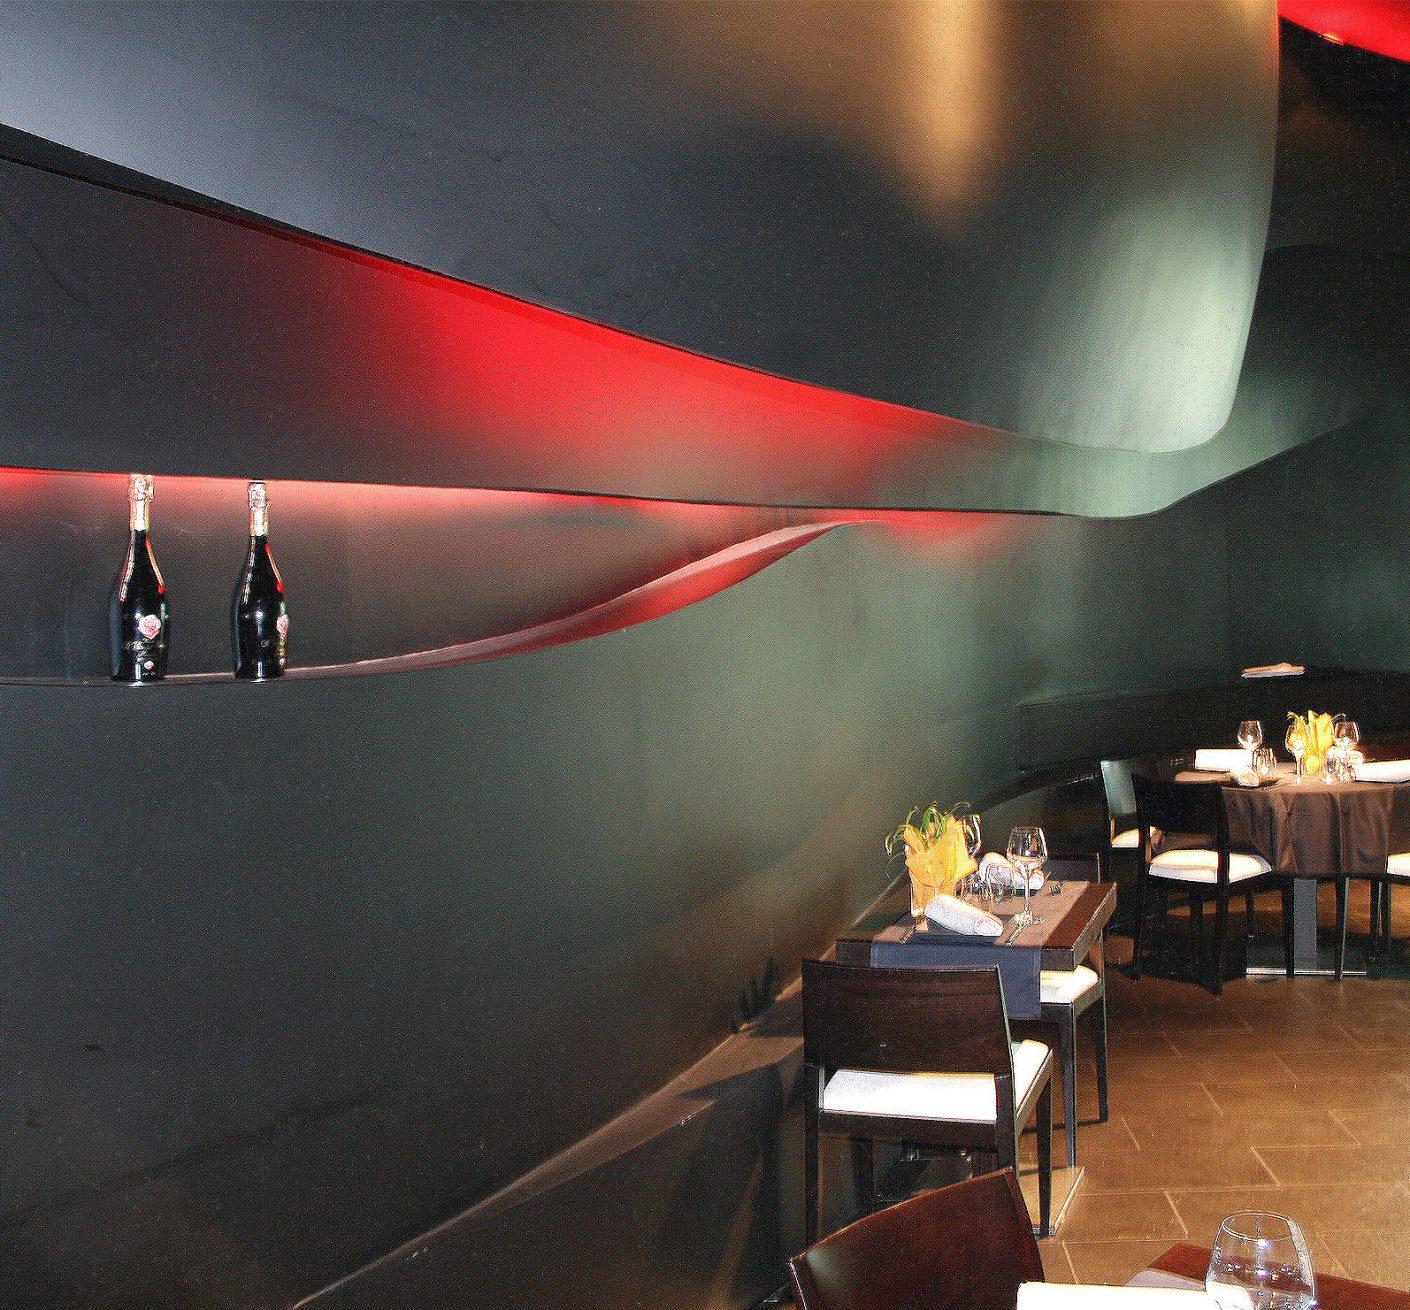 restaurante01